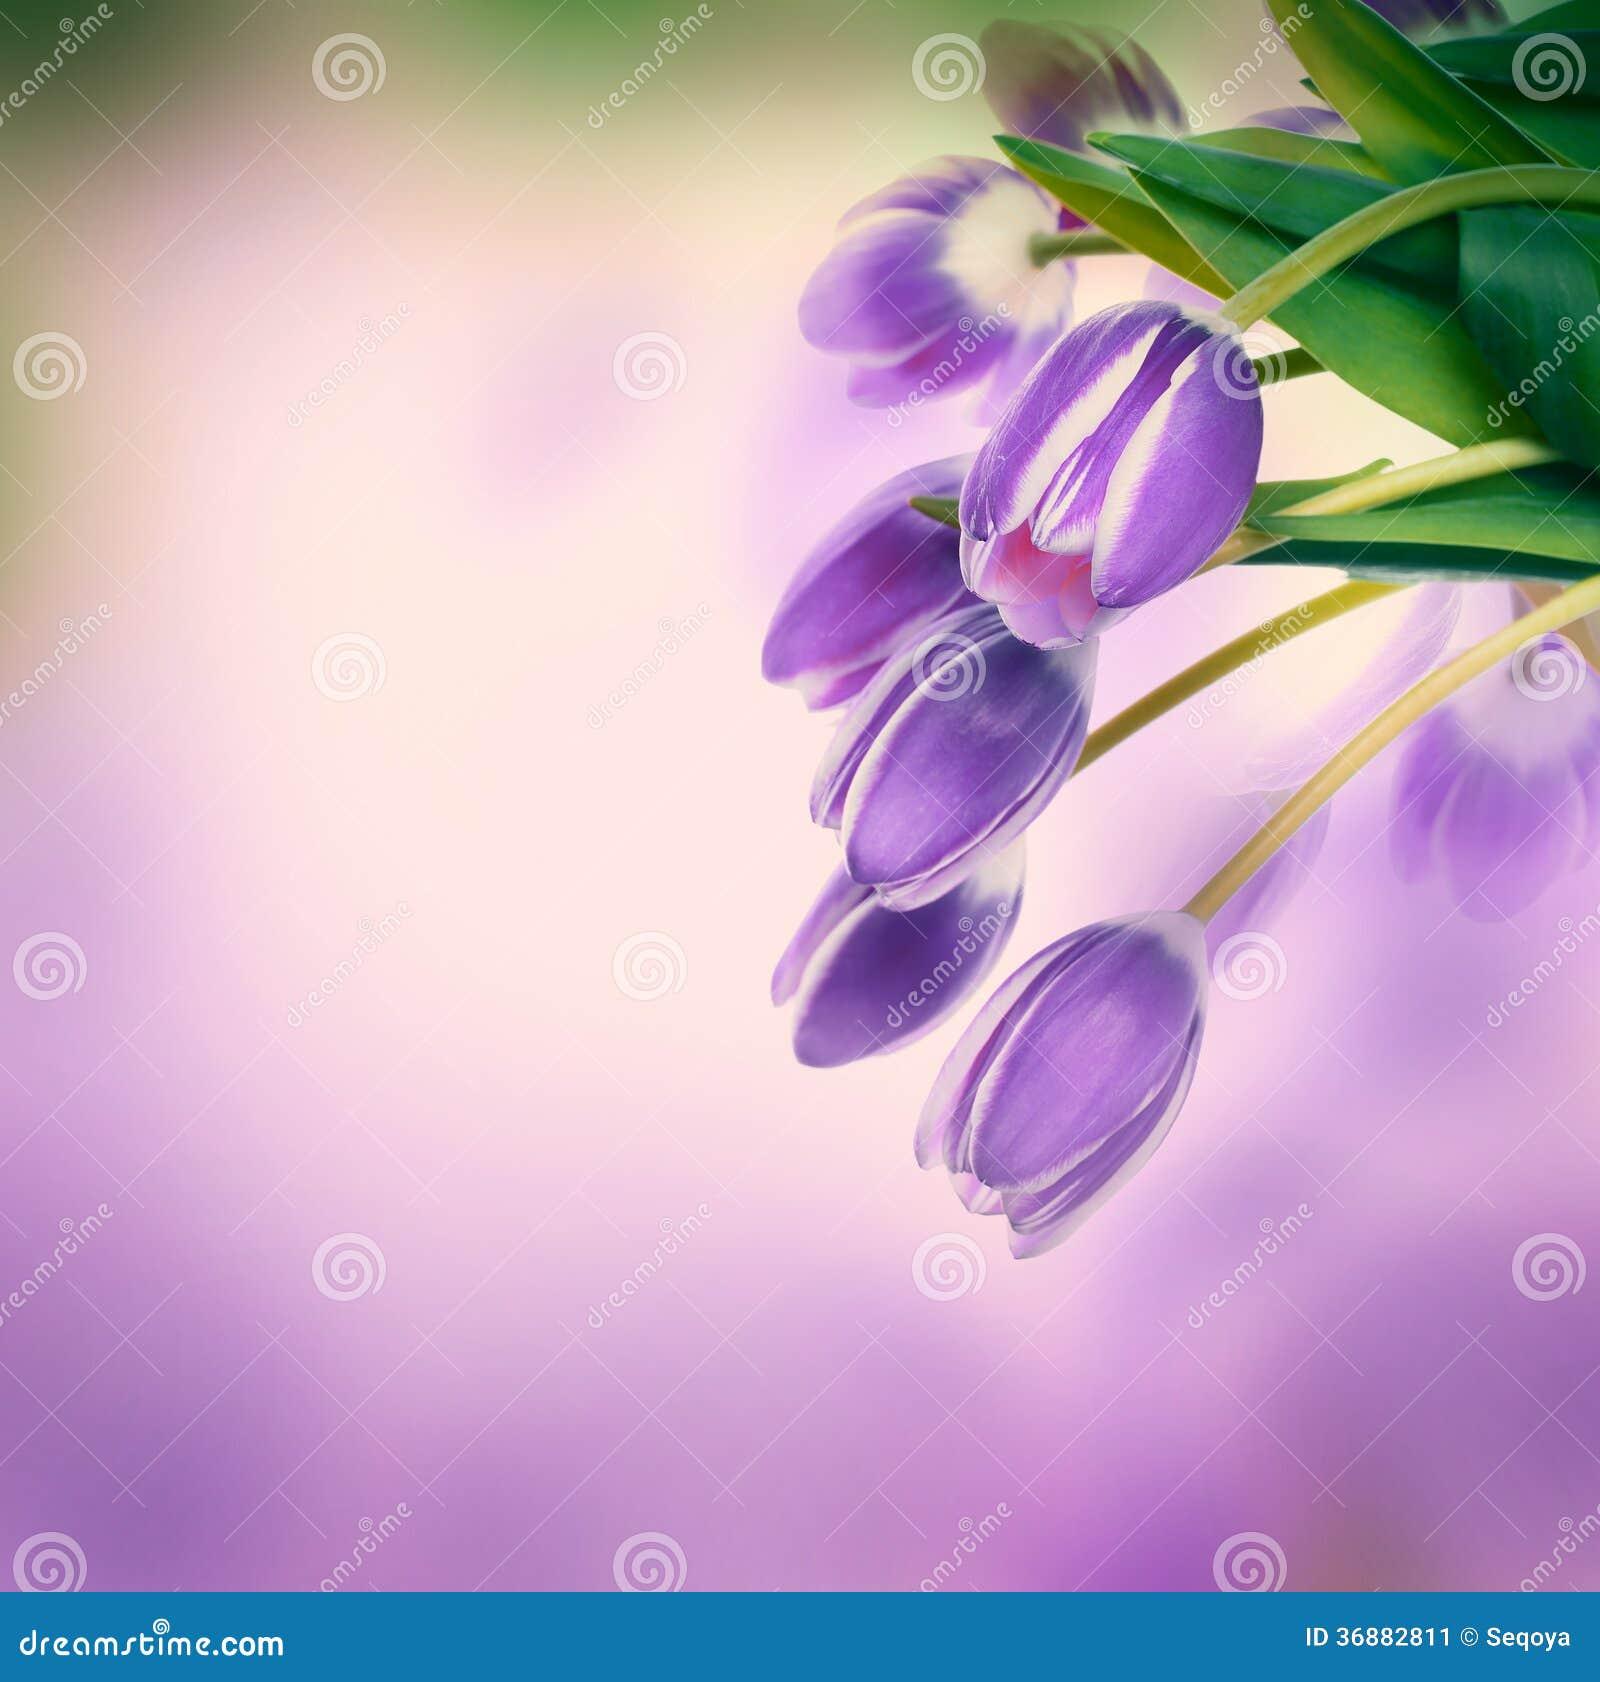 Download Fondo floreale. immagine stock. Immagine di background - 36882811